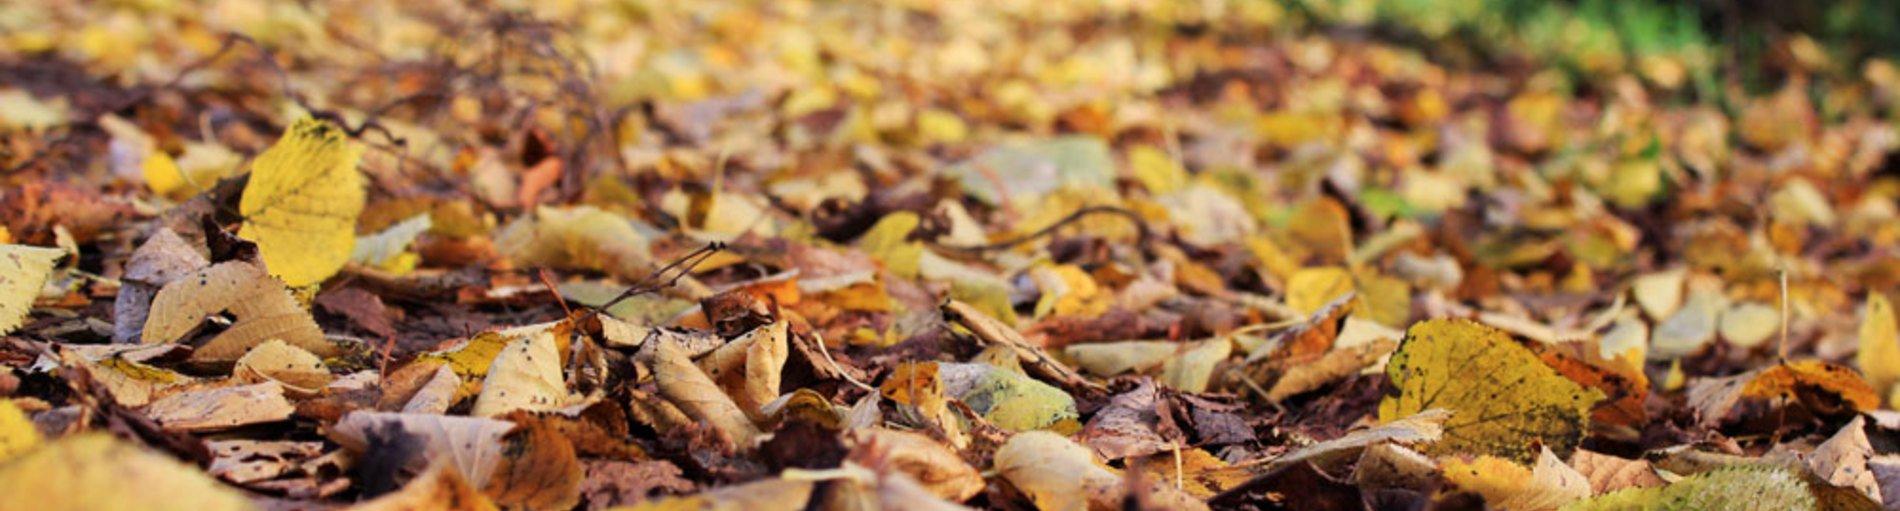 Ein brauner Blätterweg im Herbst.